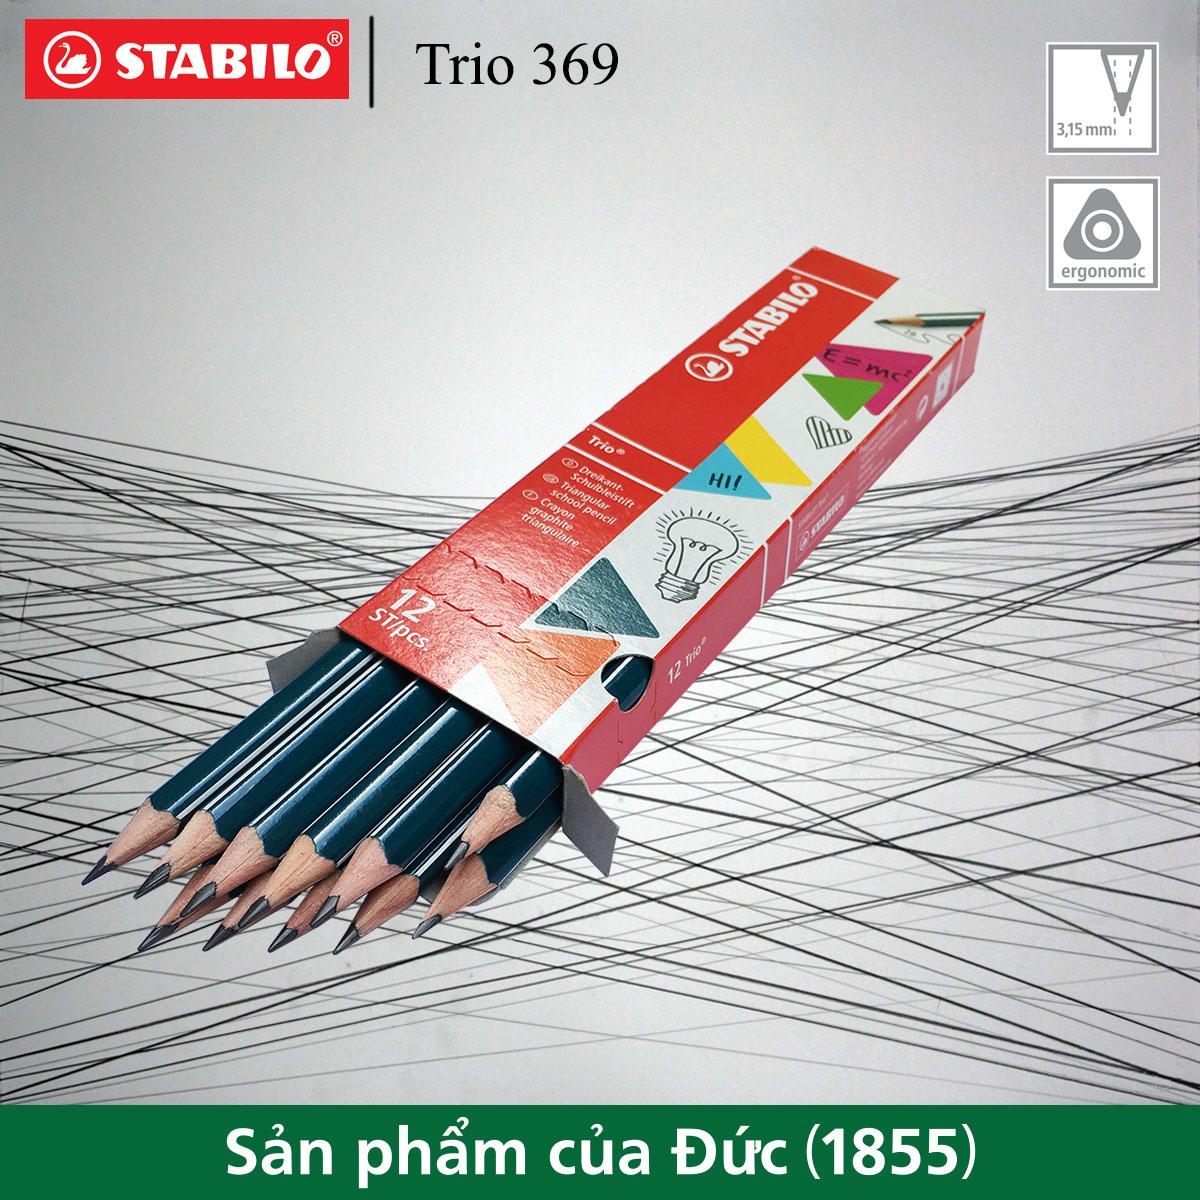 Hộp 12 cây bút chì gỗ STABILO Trio 369 2B thân tam giác (PC369/12-2B)